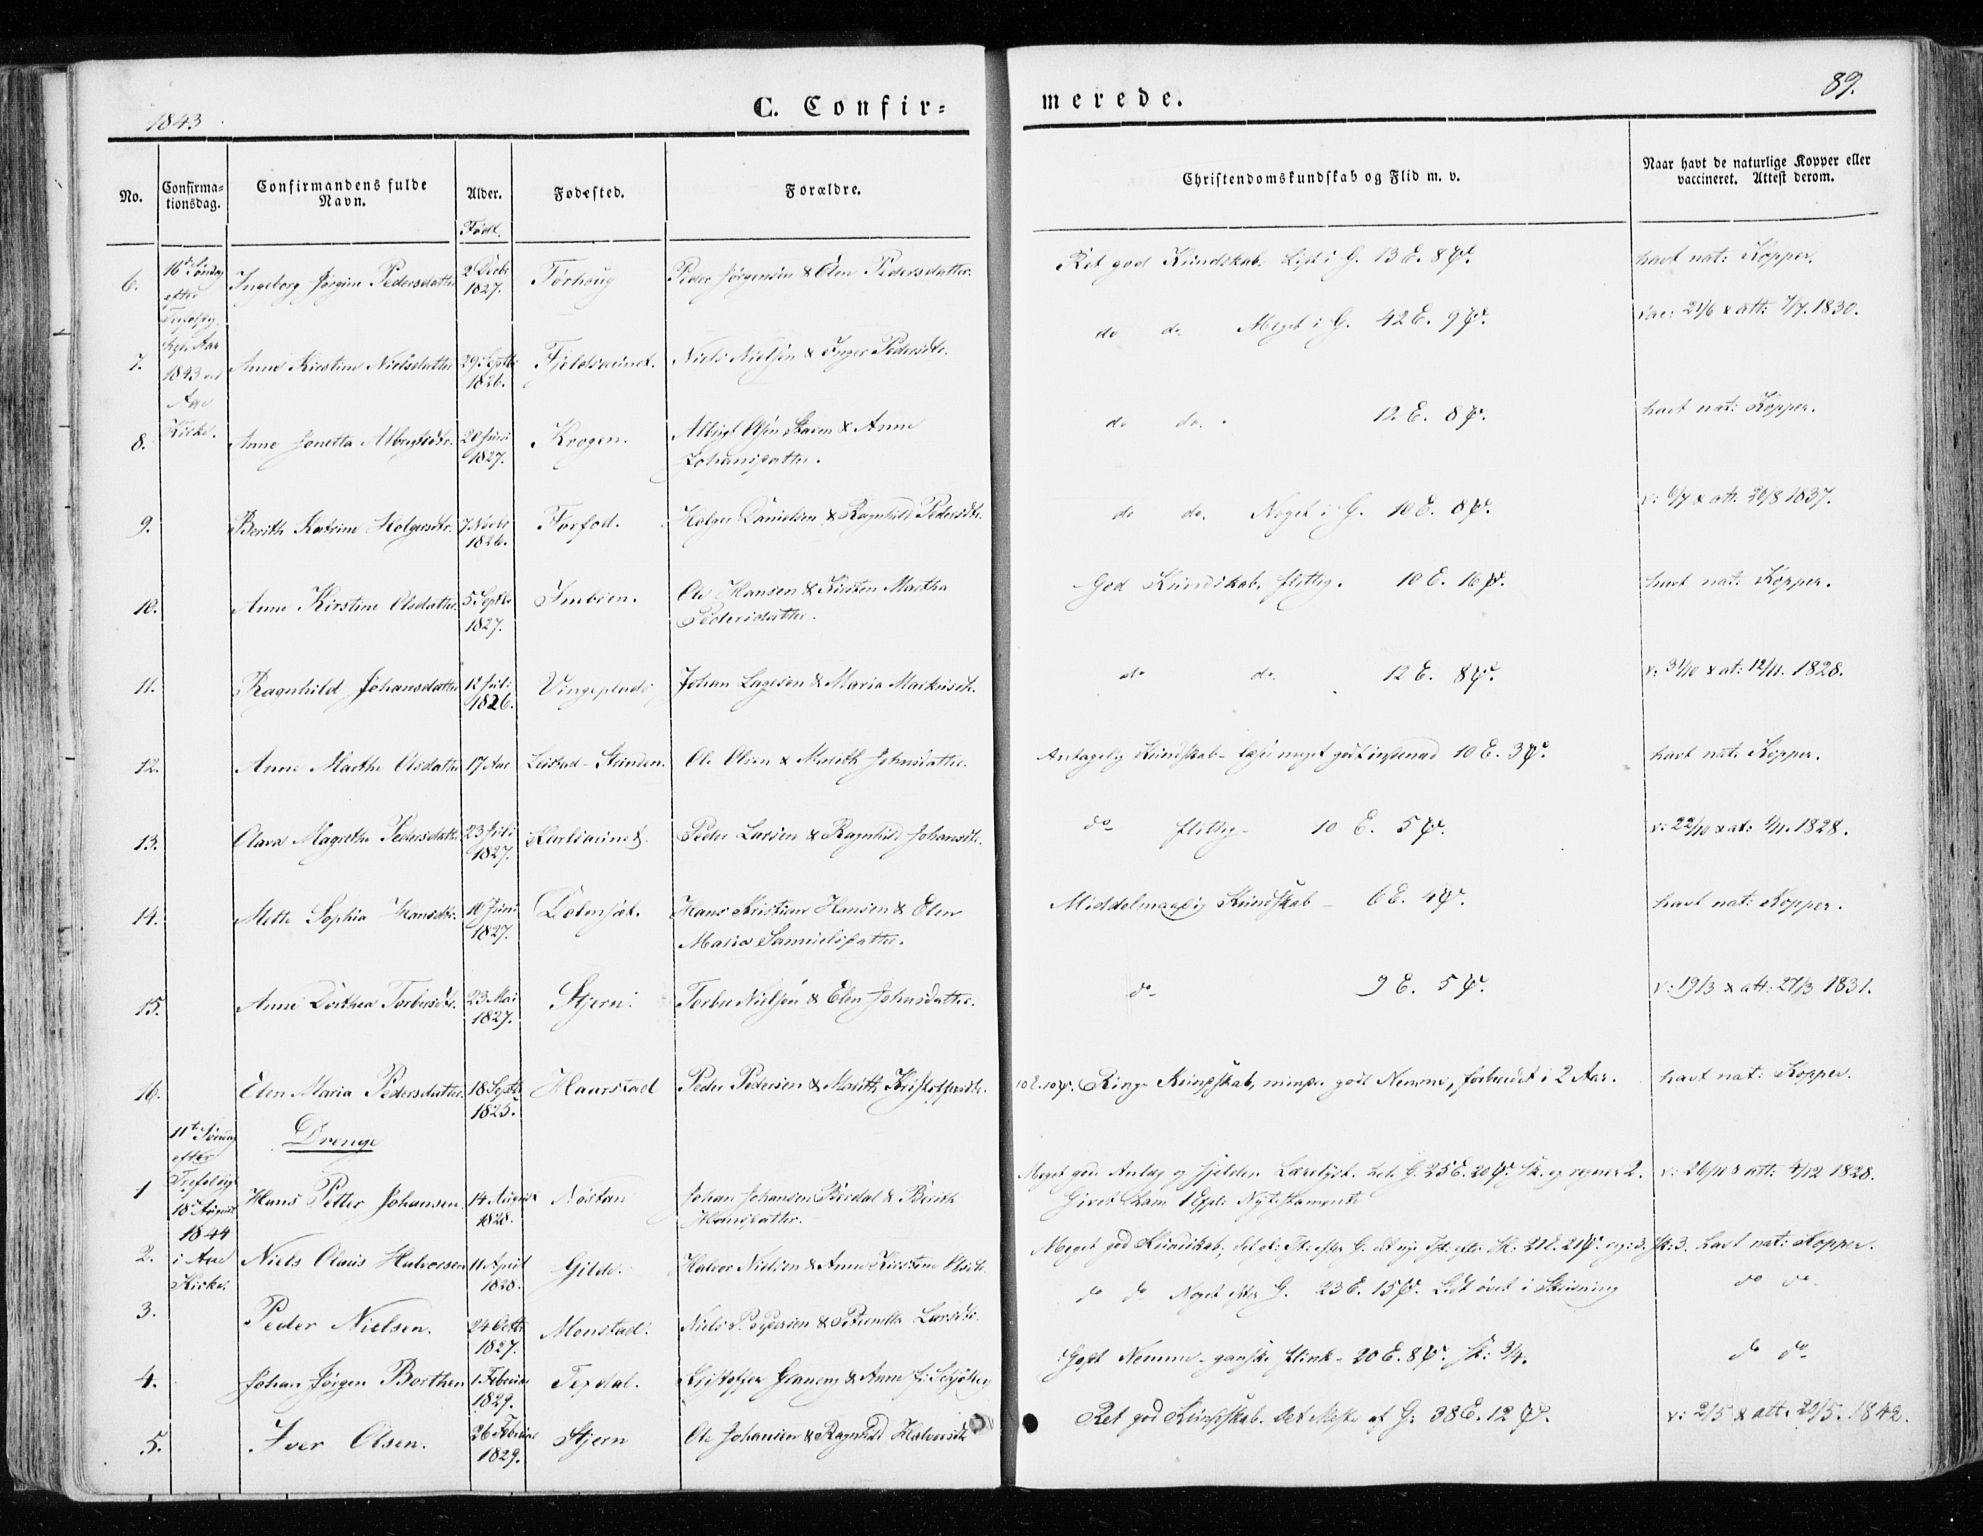 SAT, Ministerialprotokoller, klokkerbøker og fødselsregistre - Sør-Trøndelag, 655/L0677: Ministerialbok nr. 655A06, 1847-1860, s. 89